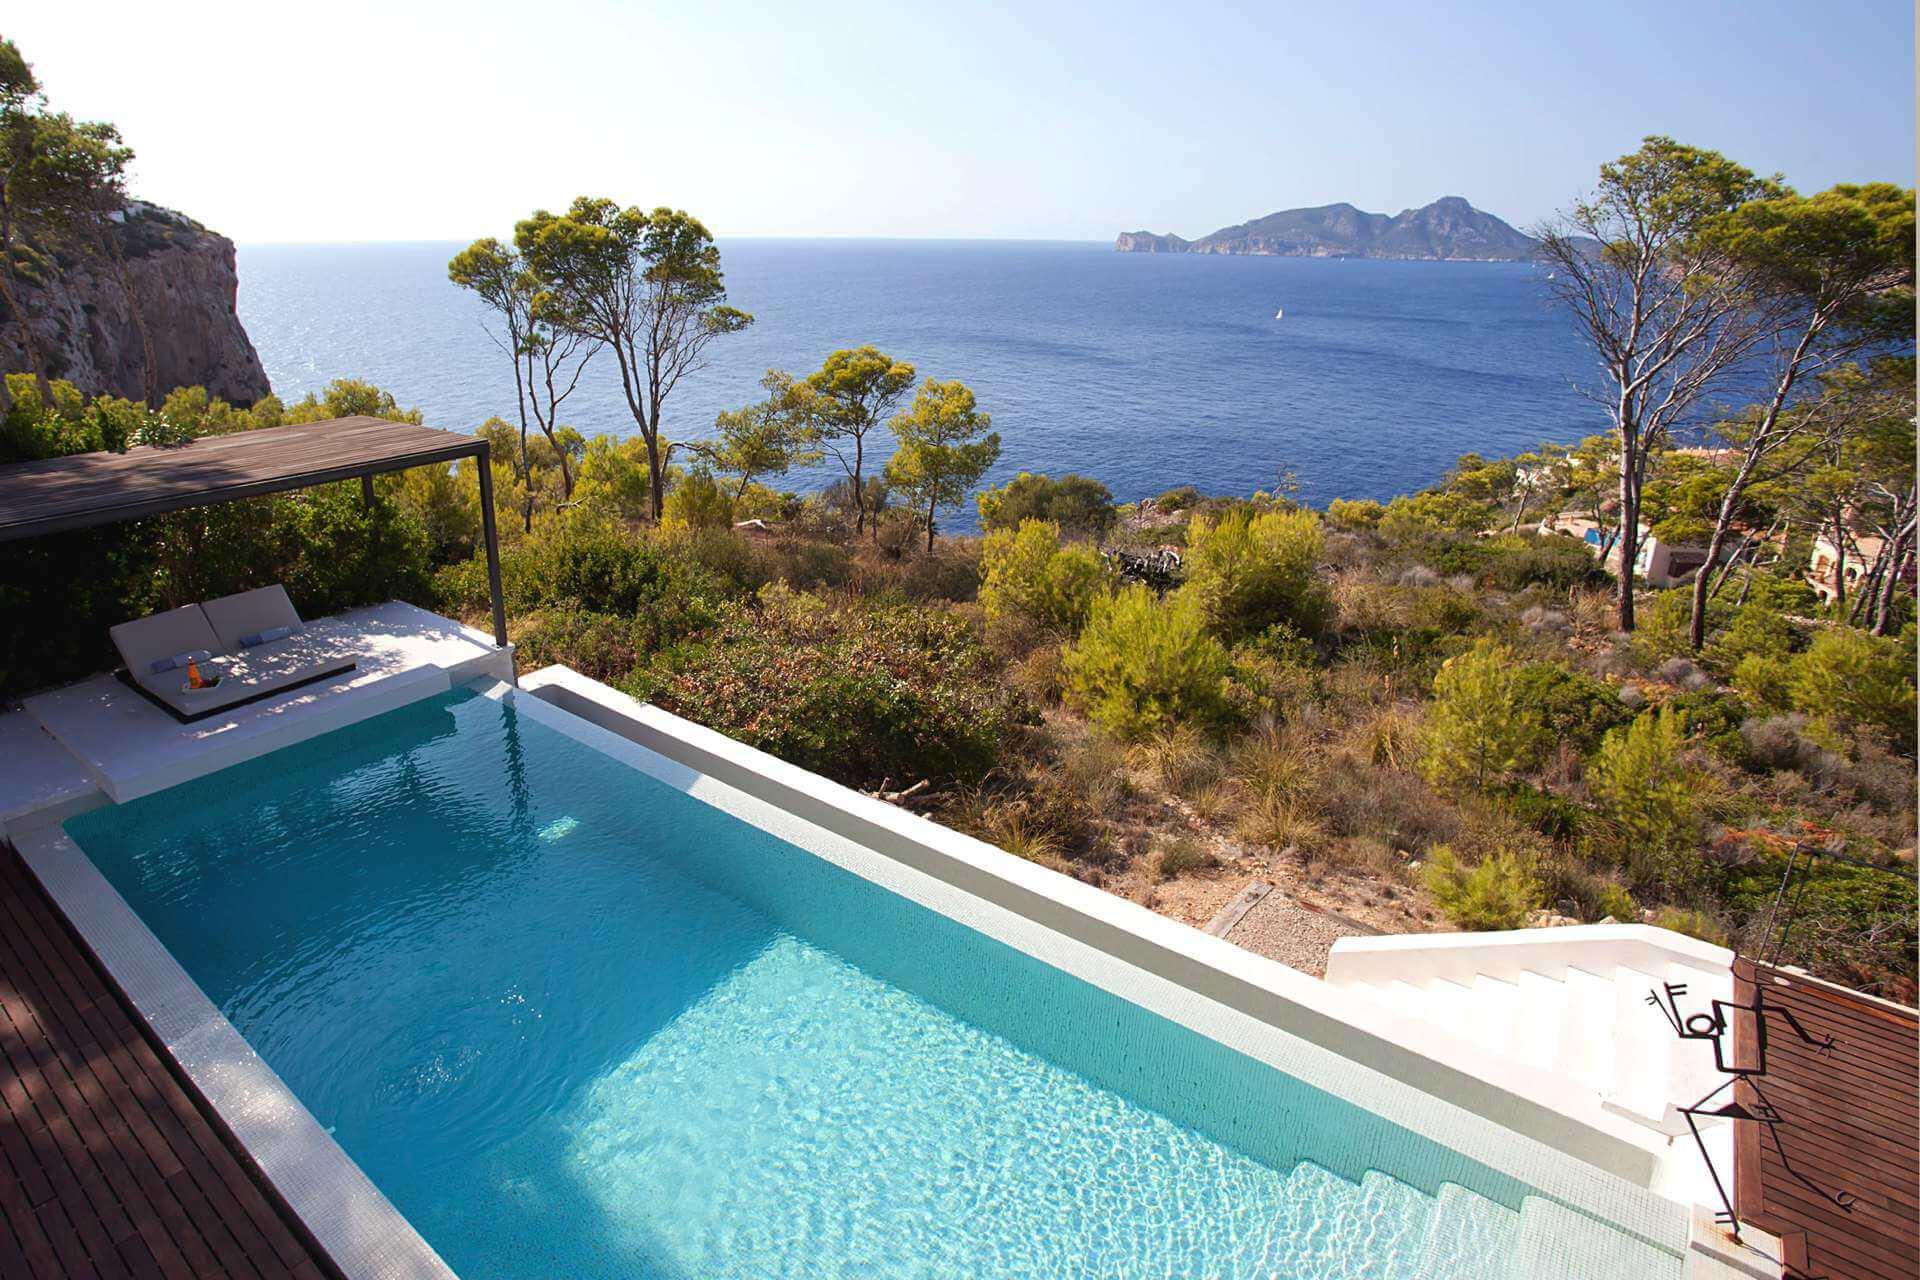 01-332 Sea view Villa Mallorca southwest Bild 8